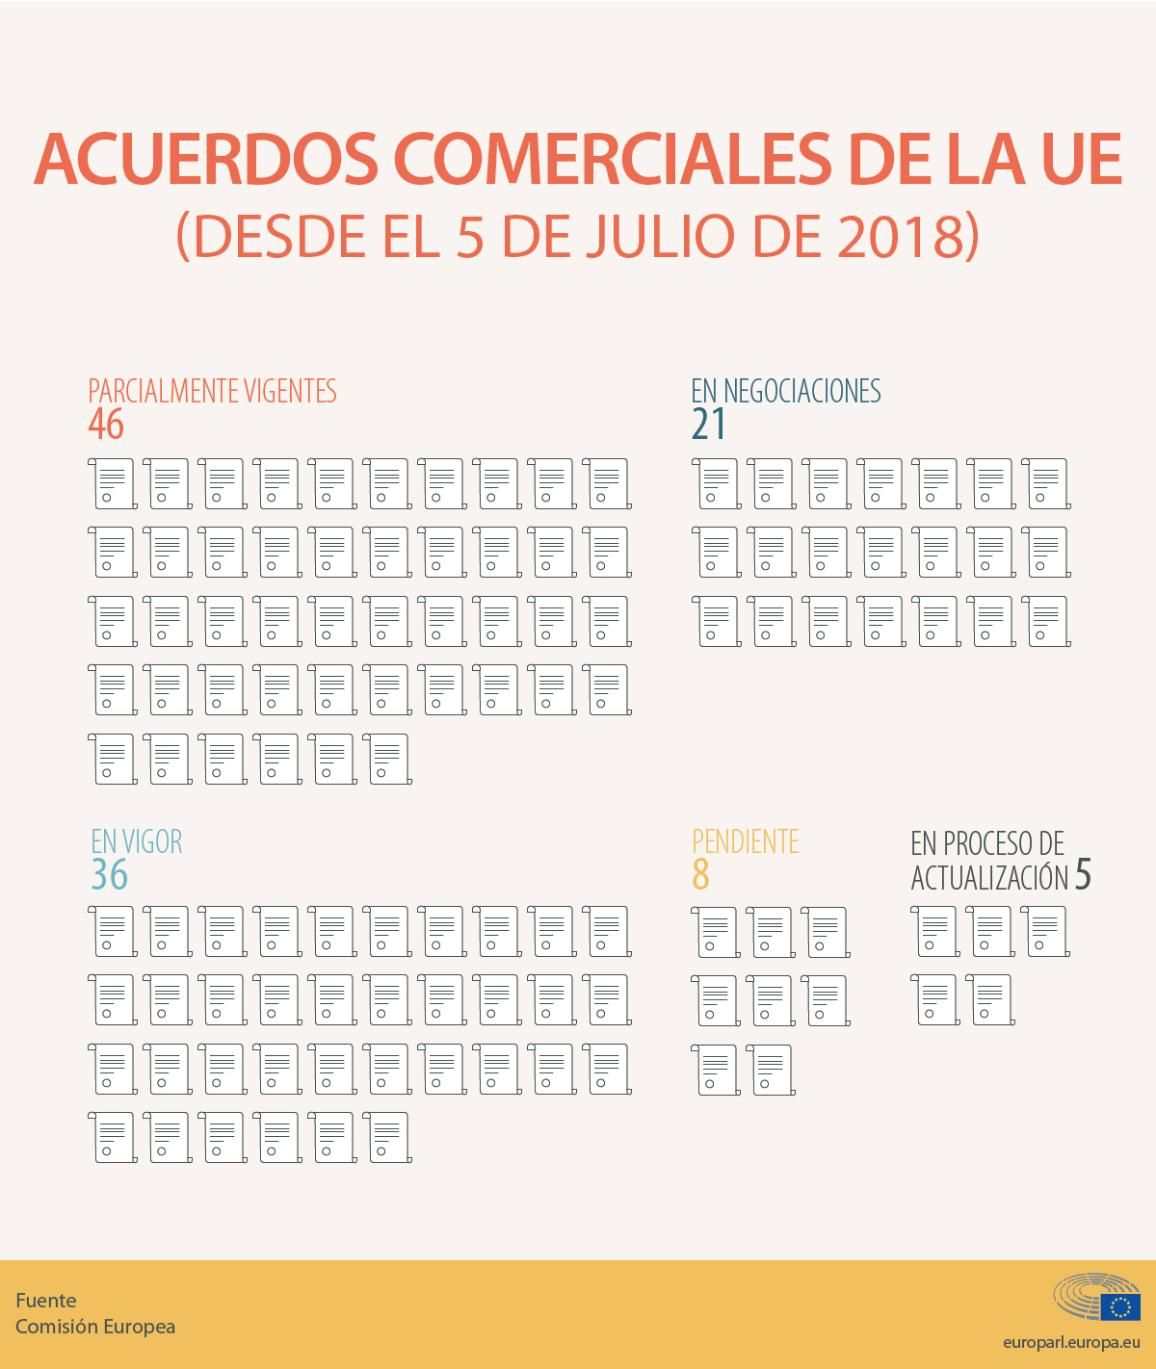 La Ue En El Comercio Internacional En Cifras Infografia Met